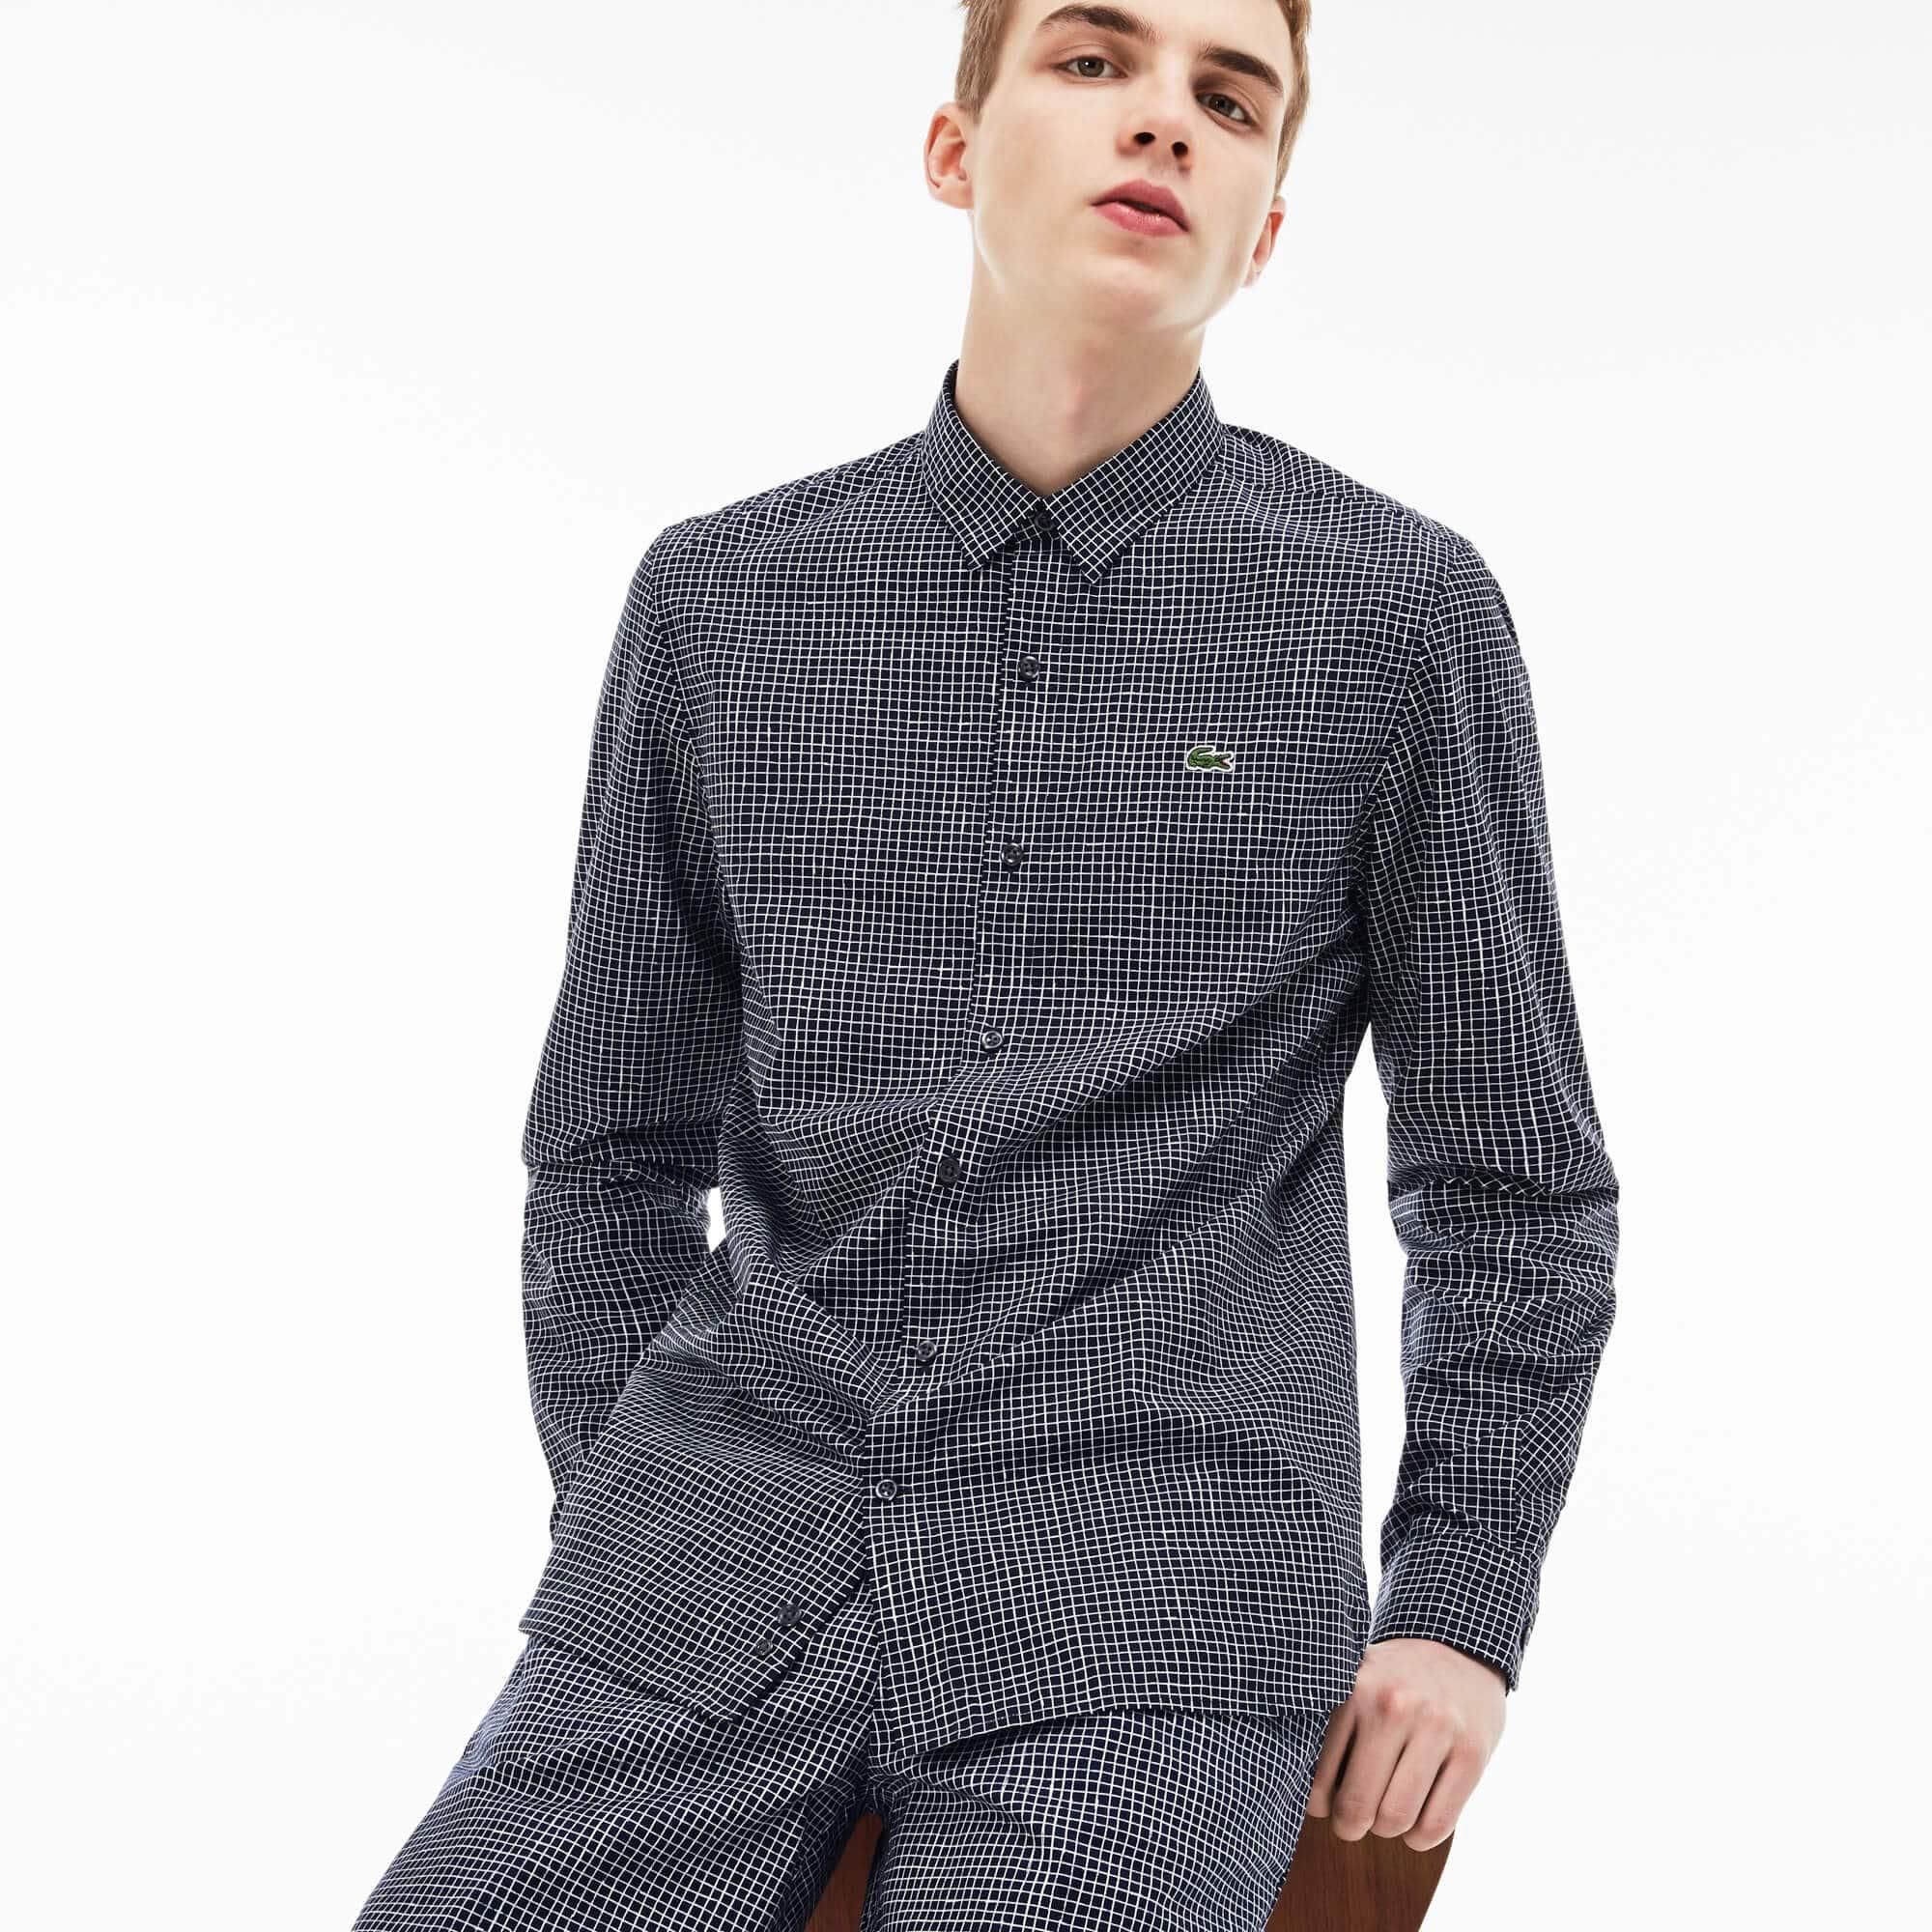 Skinny Fit Herren-Hemd aus karierter Popeline LACOSTE L!VE